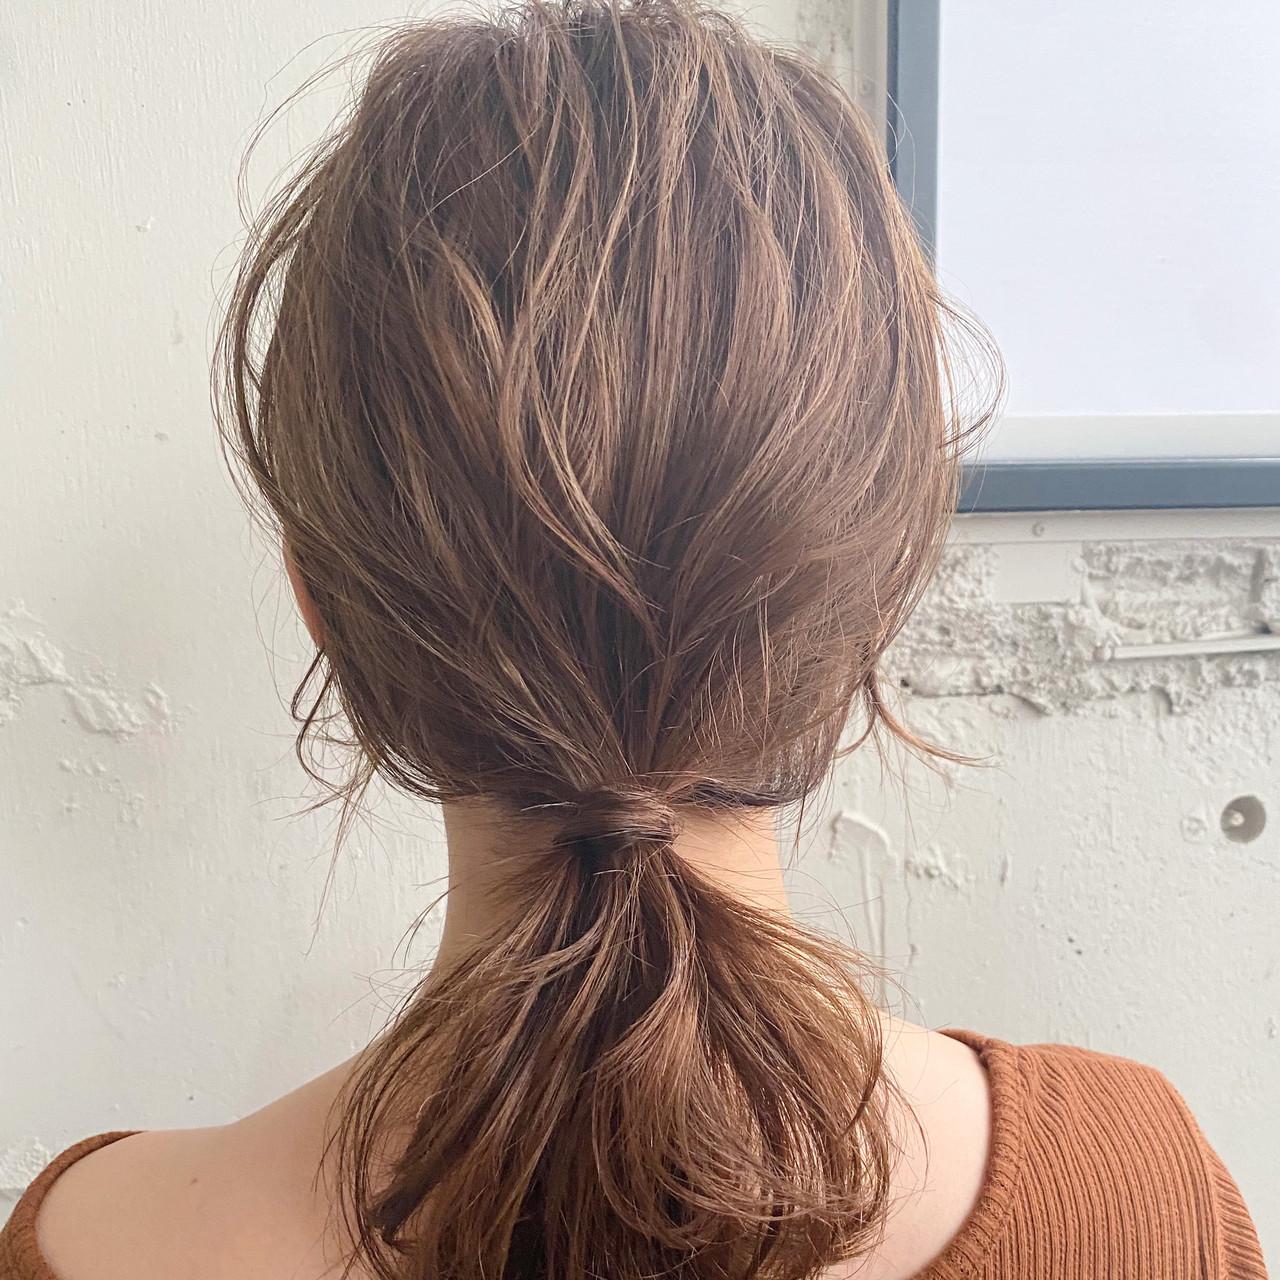 簡単スタイリング 大人かわいい ポニーテール ミディアム ヘアスタイルや髪型の写真・画像